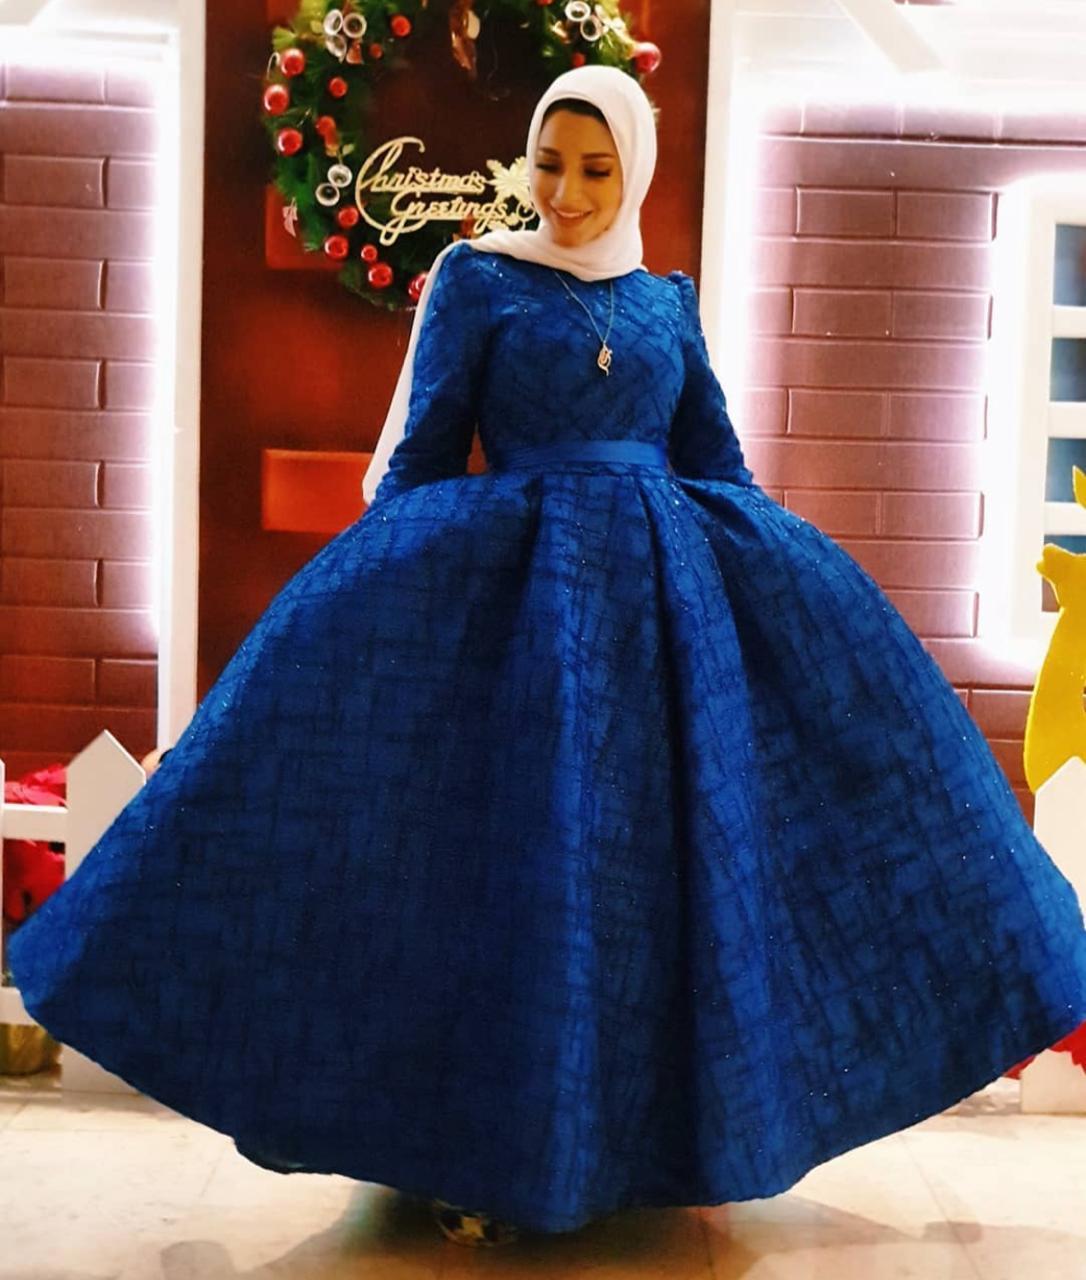 2 مريم سيف بفستان منفوش -الصورة من حسابها على الانستغرام